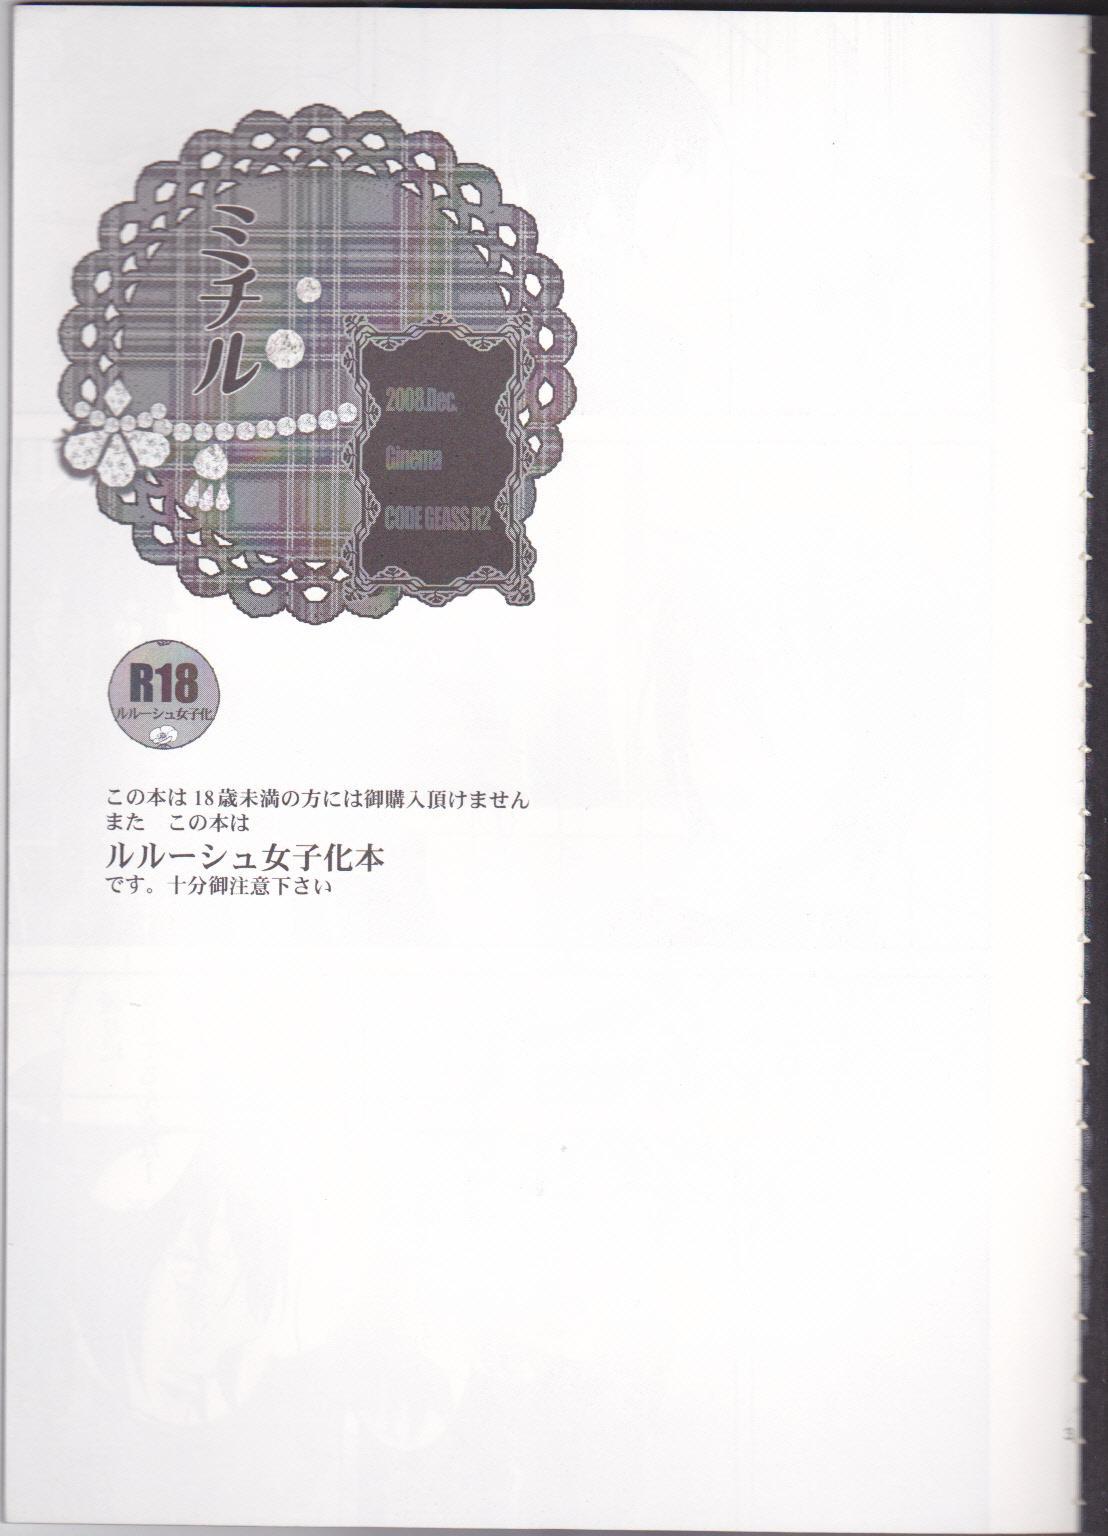 Michiru 1